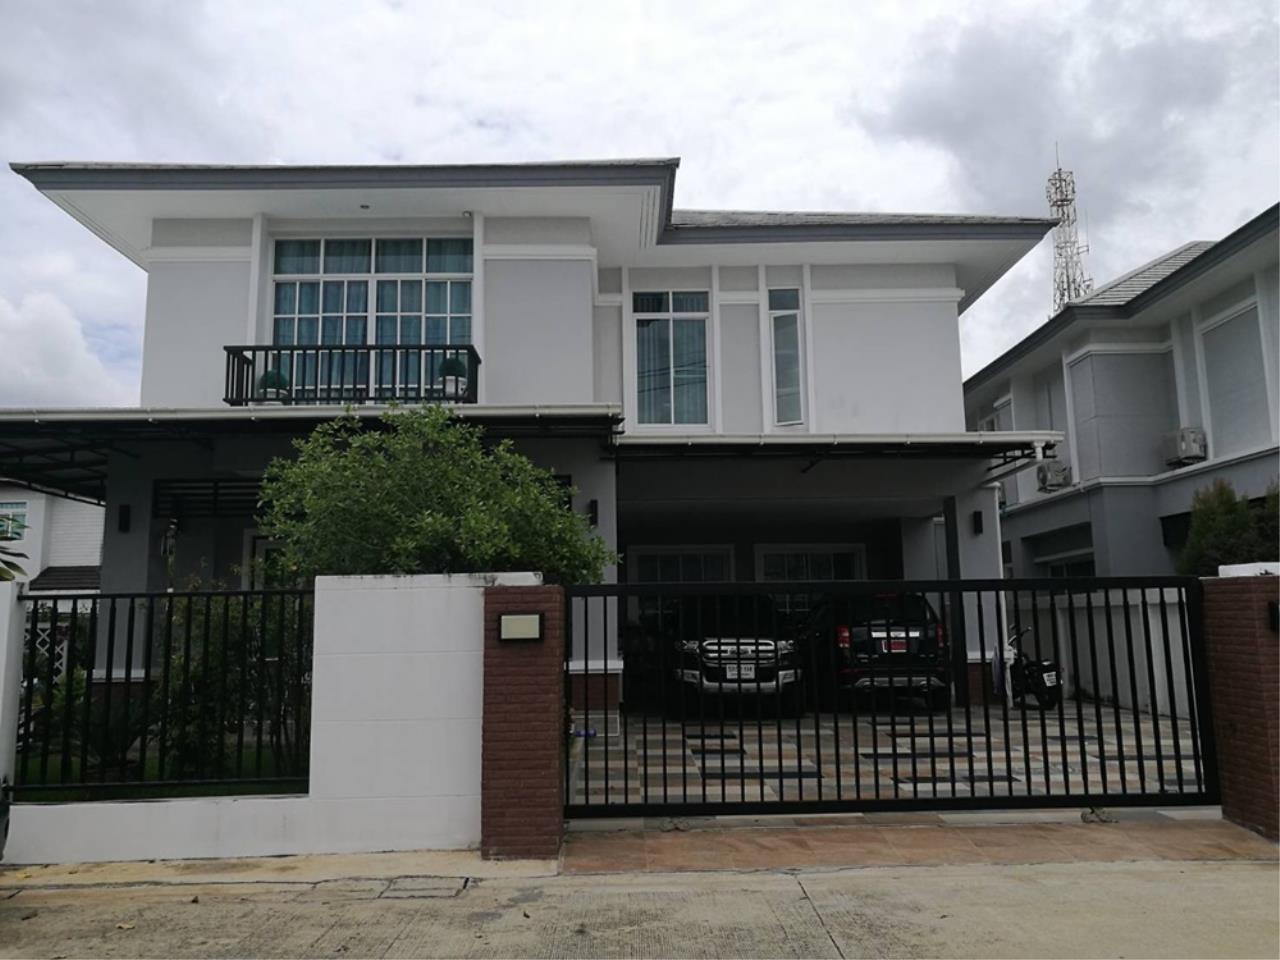 ขาย บ้าน แขวงบางแคเหนือ เขตบางแค กรุงเทพมหานคร, ภาพที่ 3